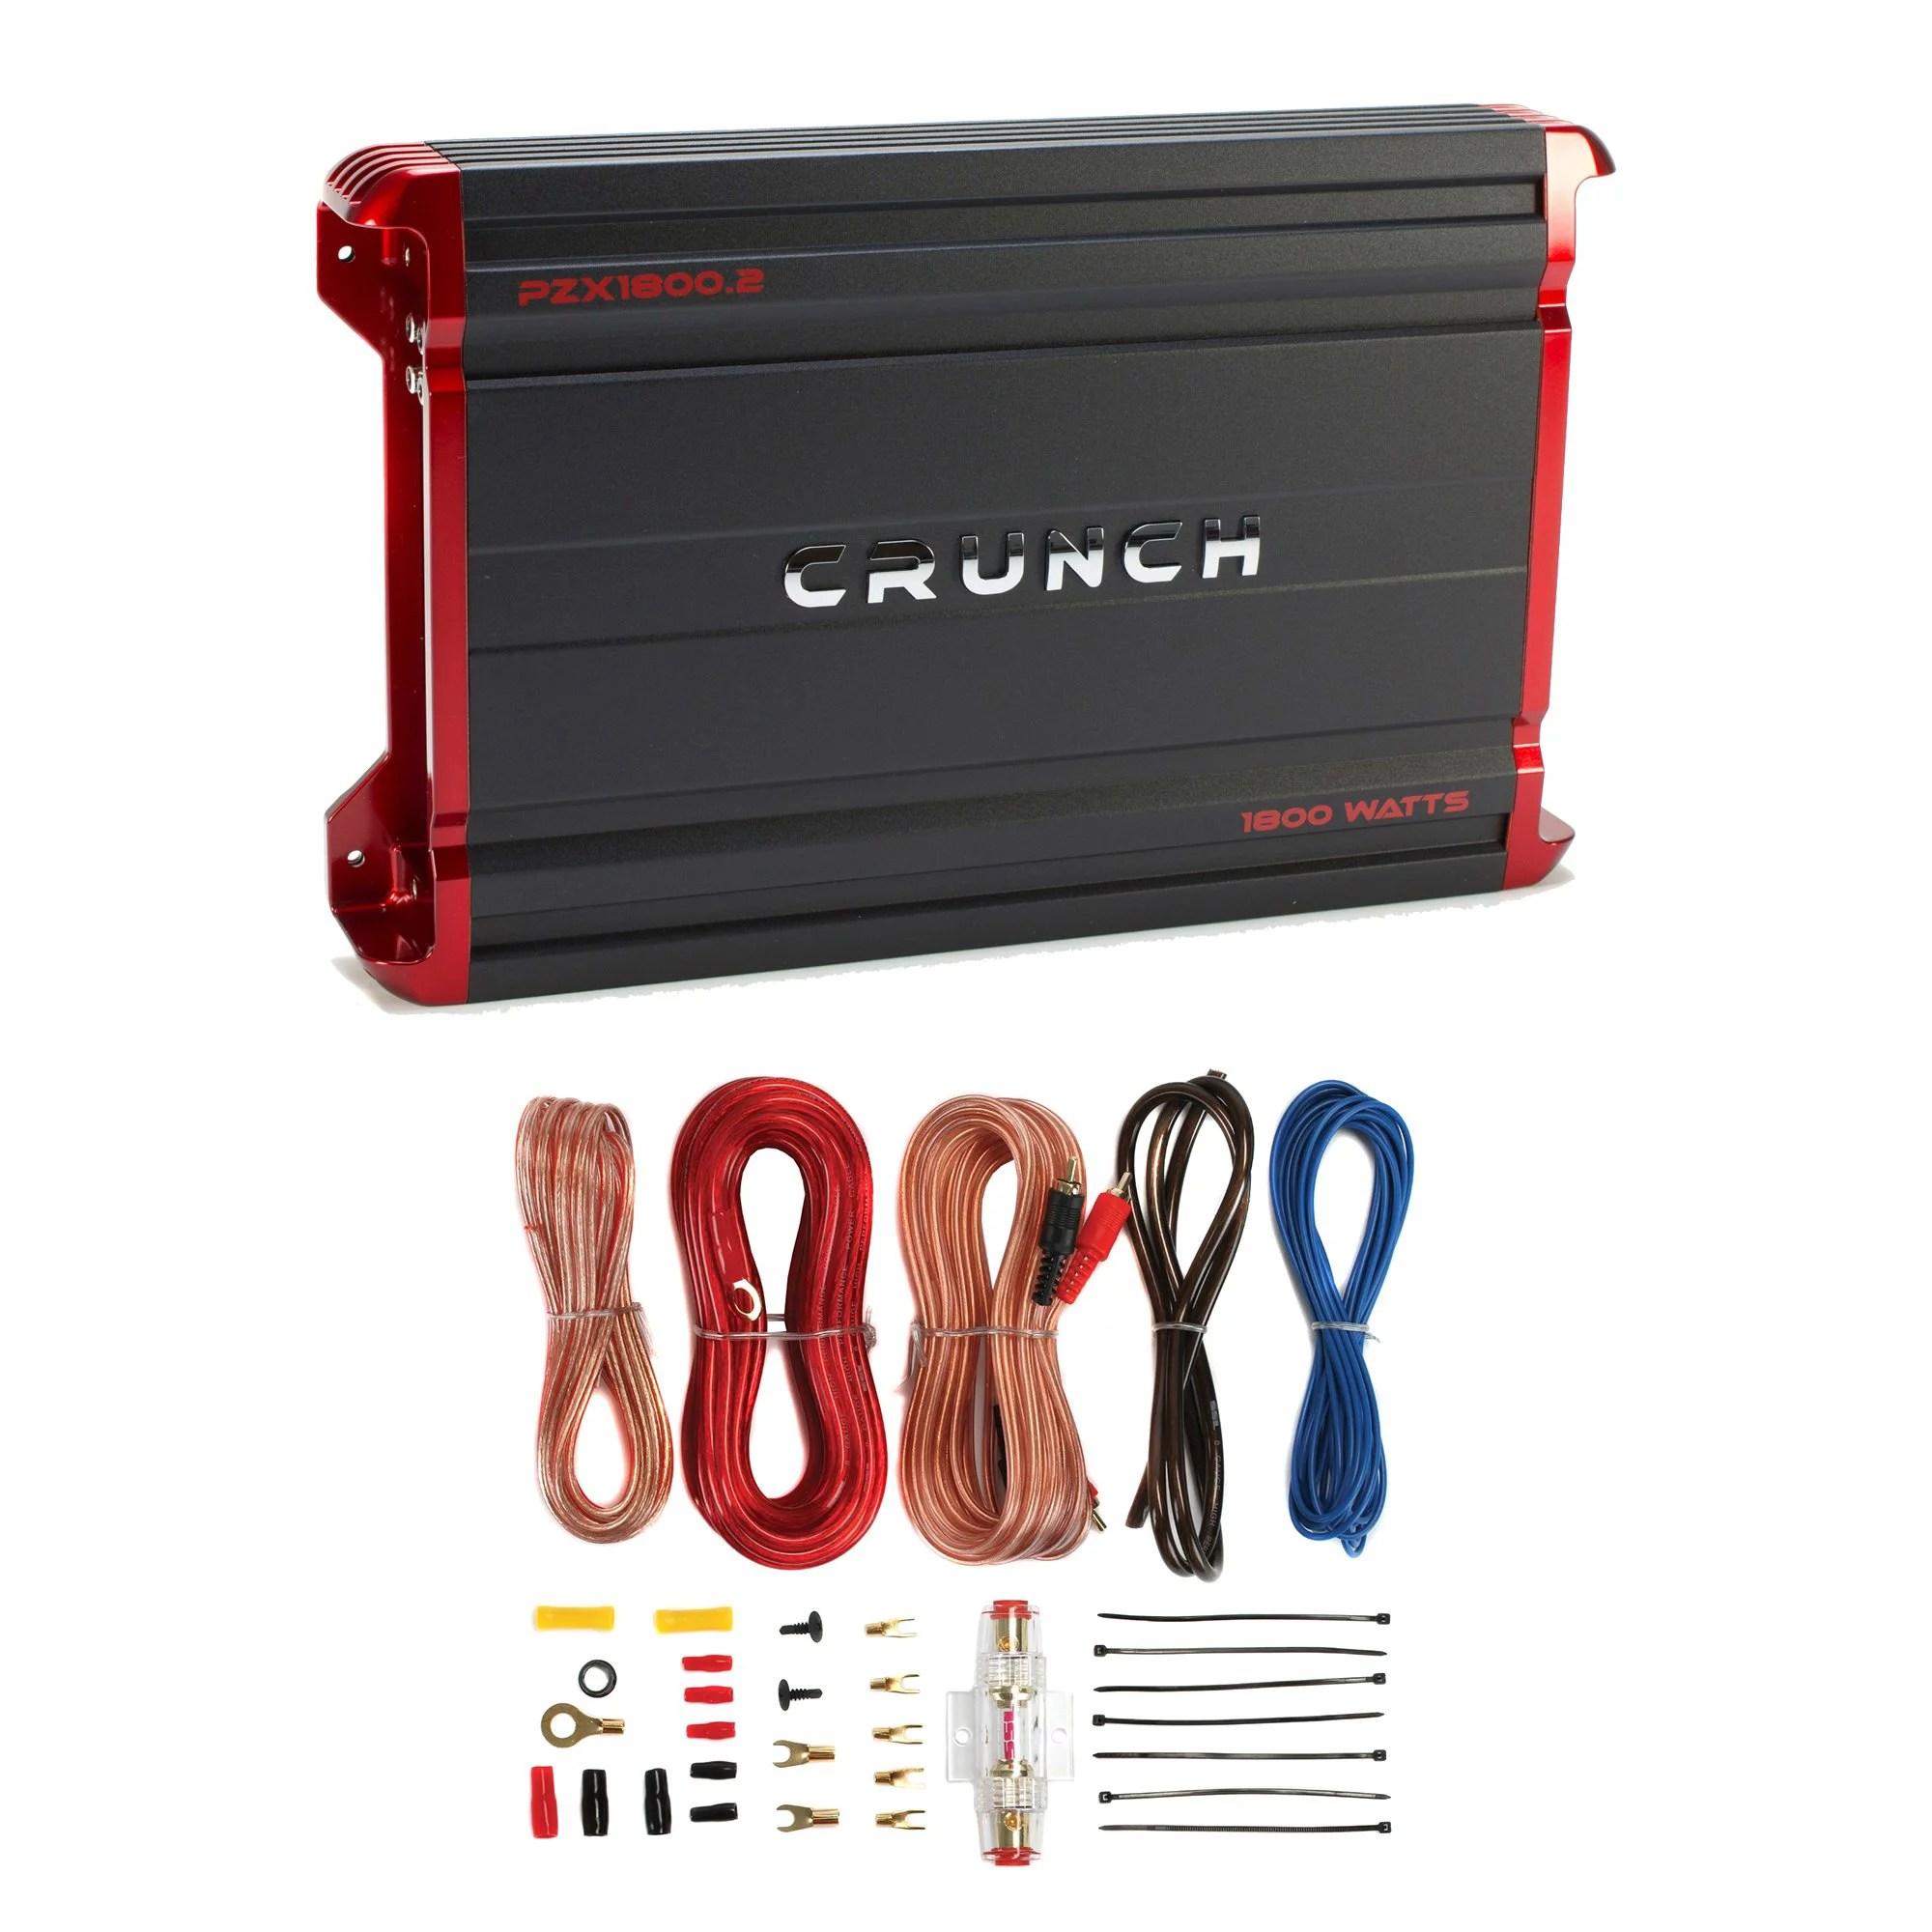 crunch sub amp wiring diagram